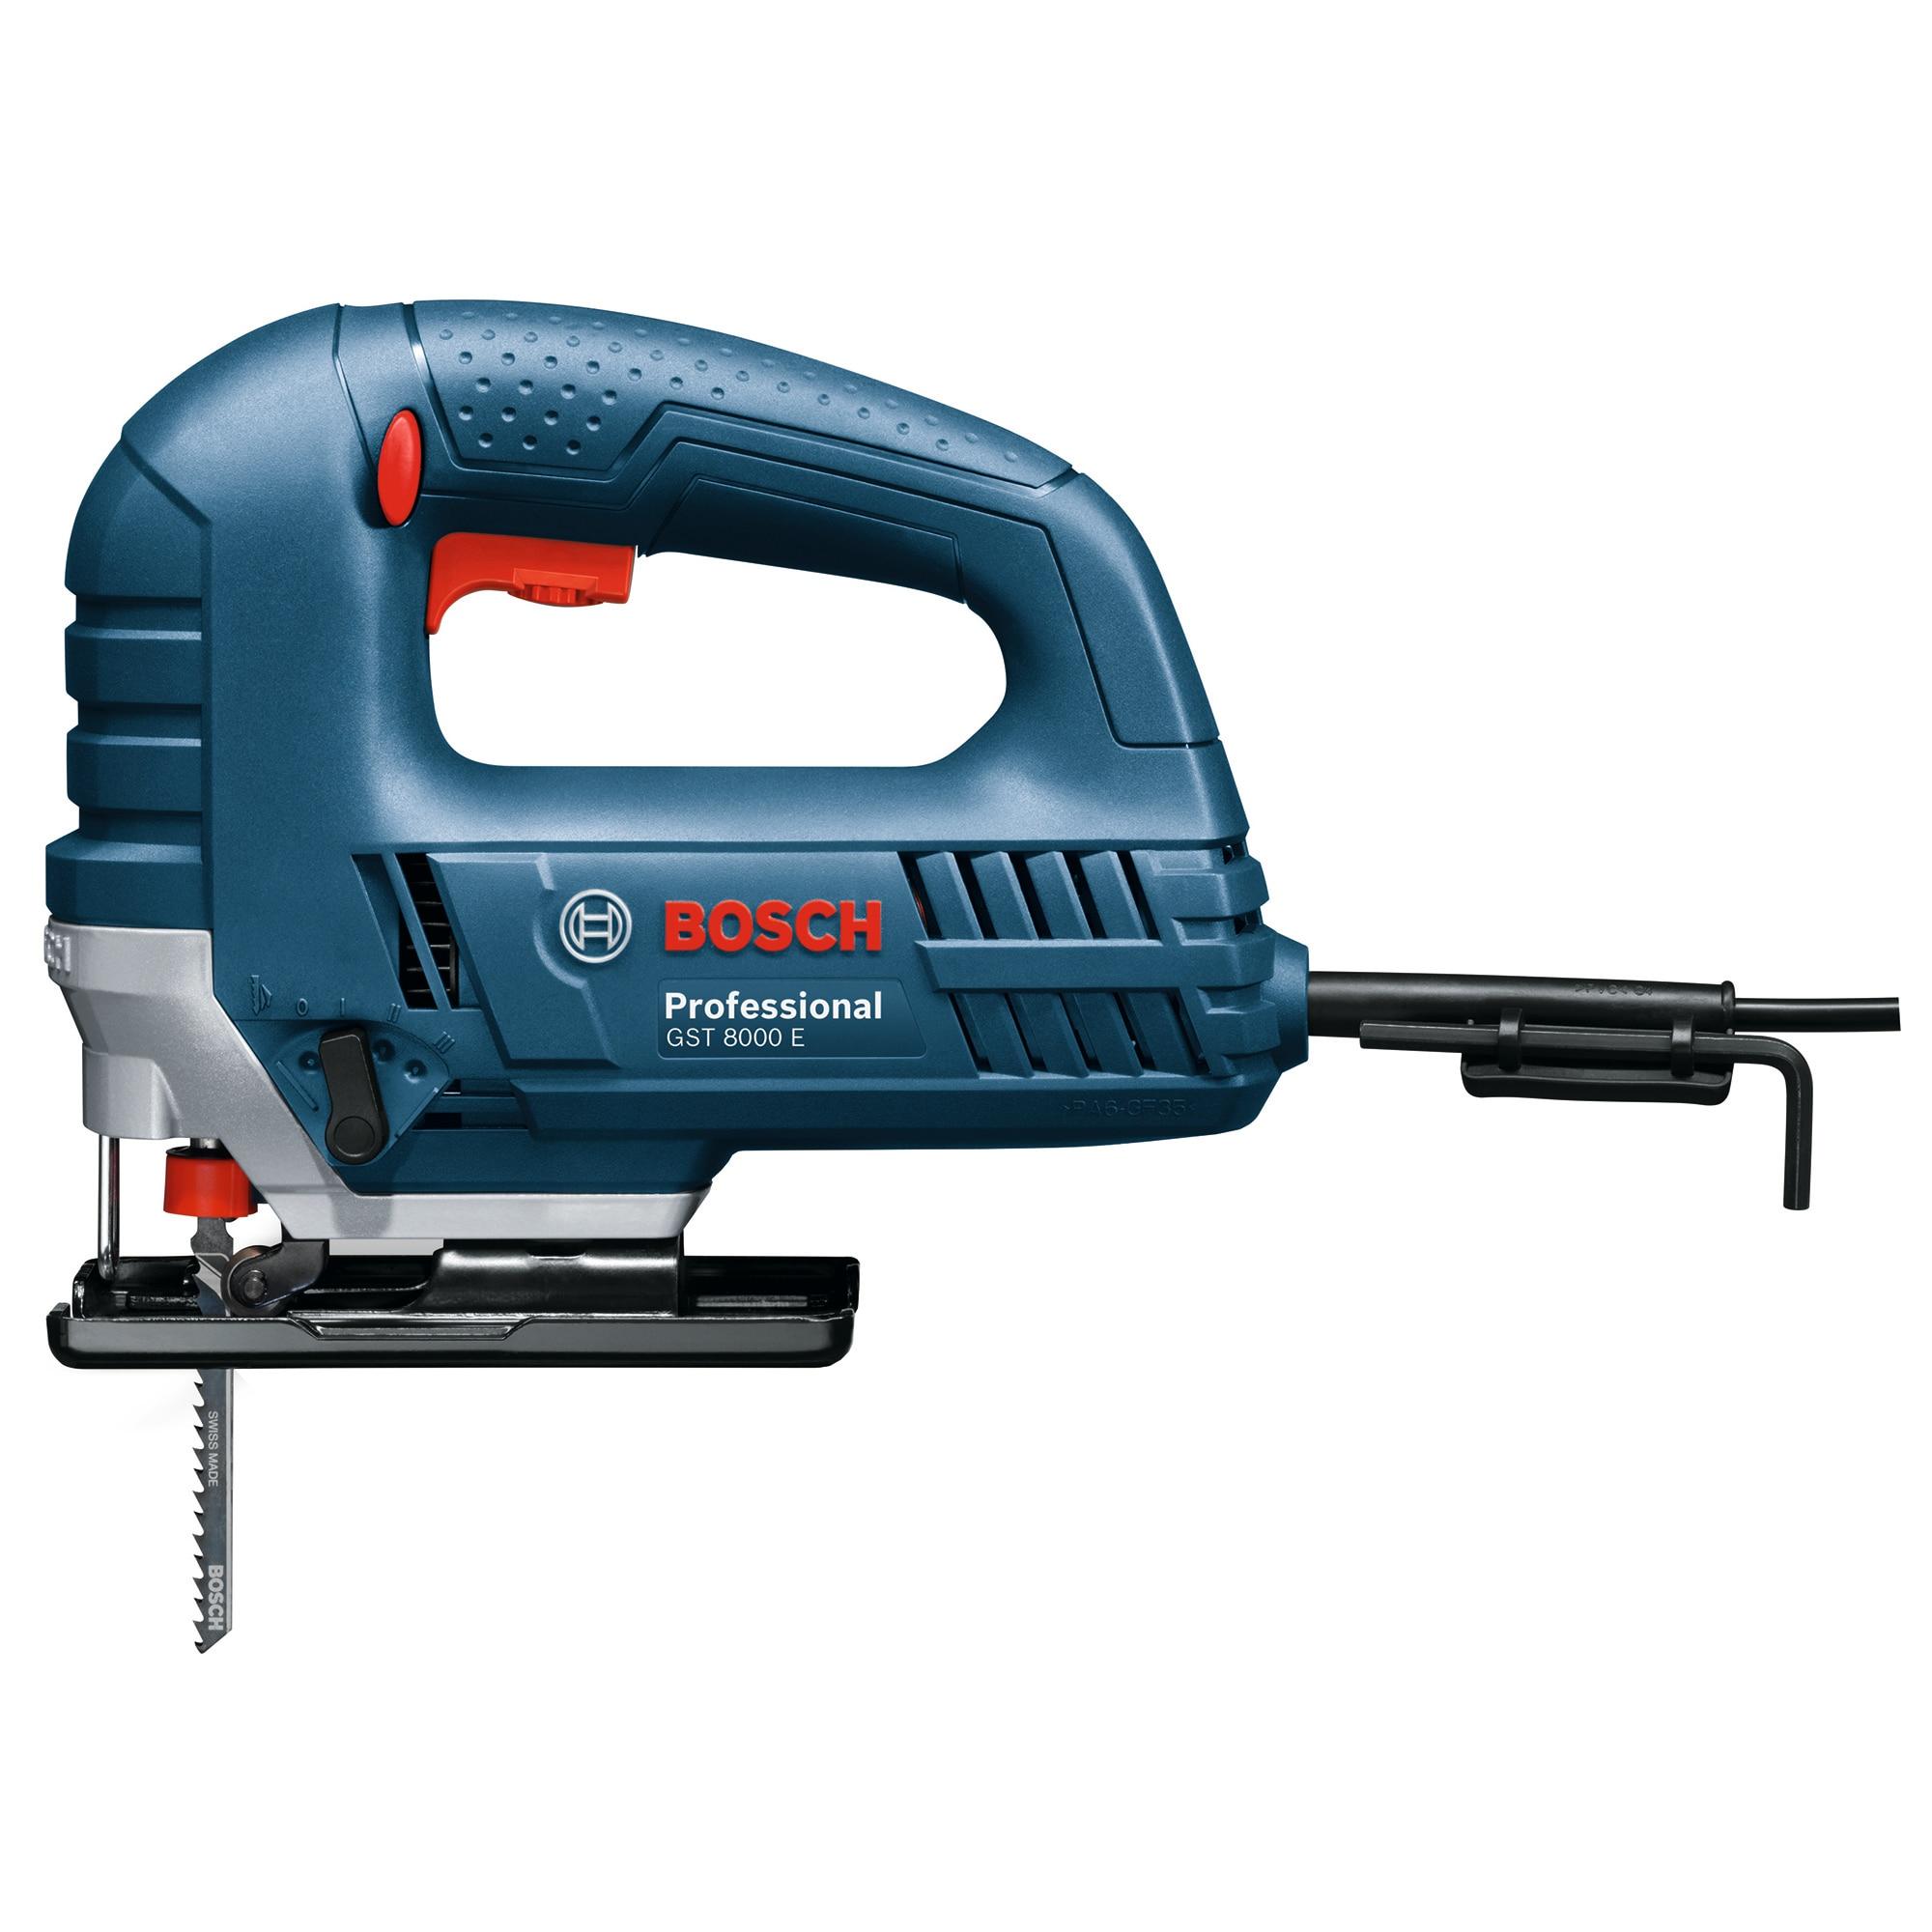 Fotografie Fierastrau vertical Bosch Professional GST 8000 E, 710W, 3100rpm, 80mm